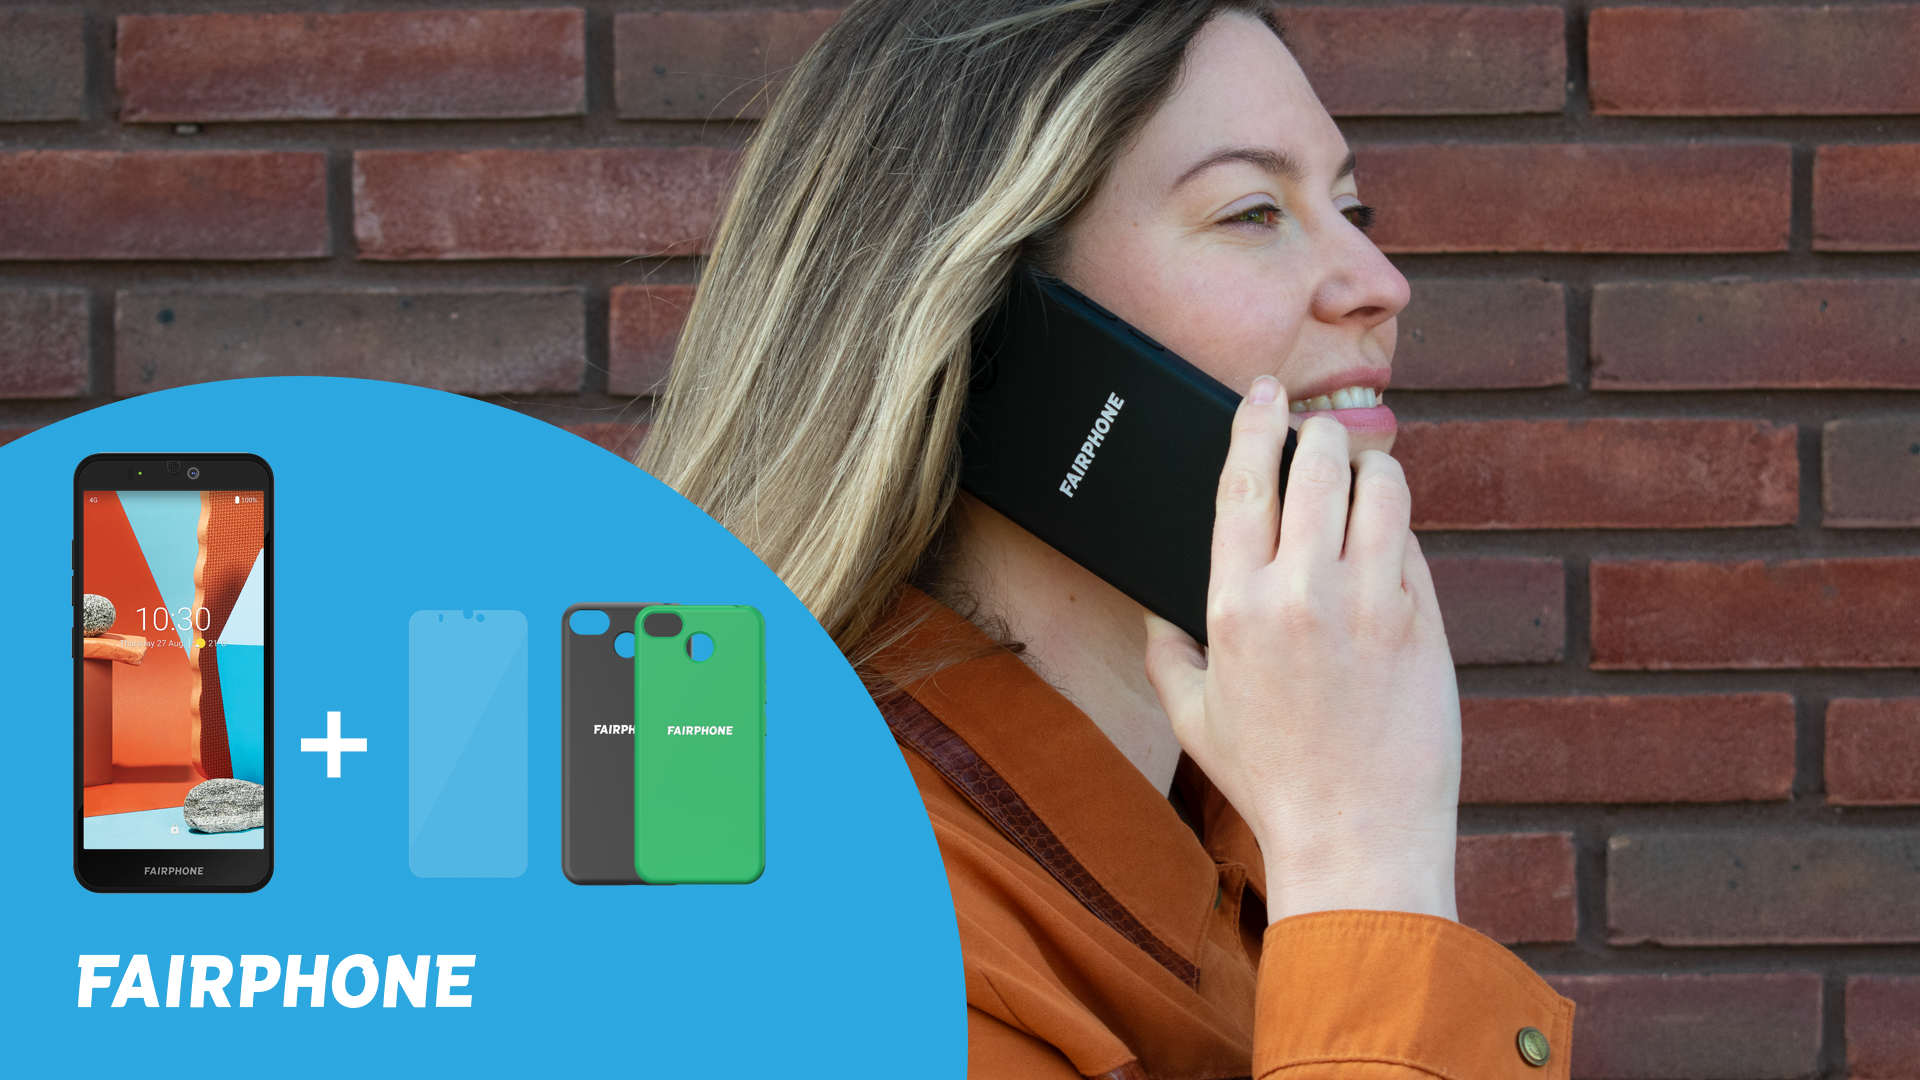 Få skal och skärmskydd på köpet när du beställer Fairphone